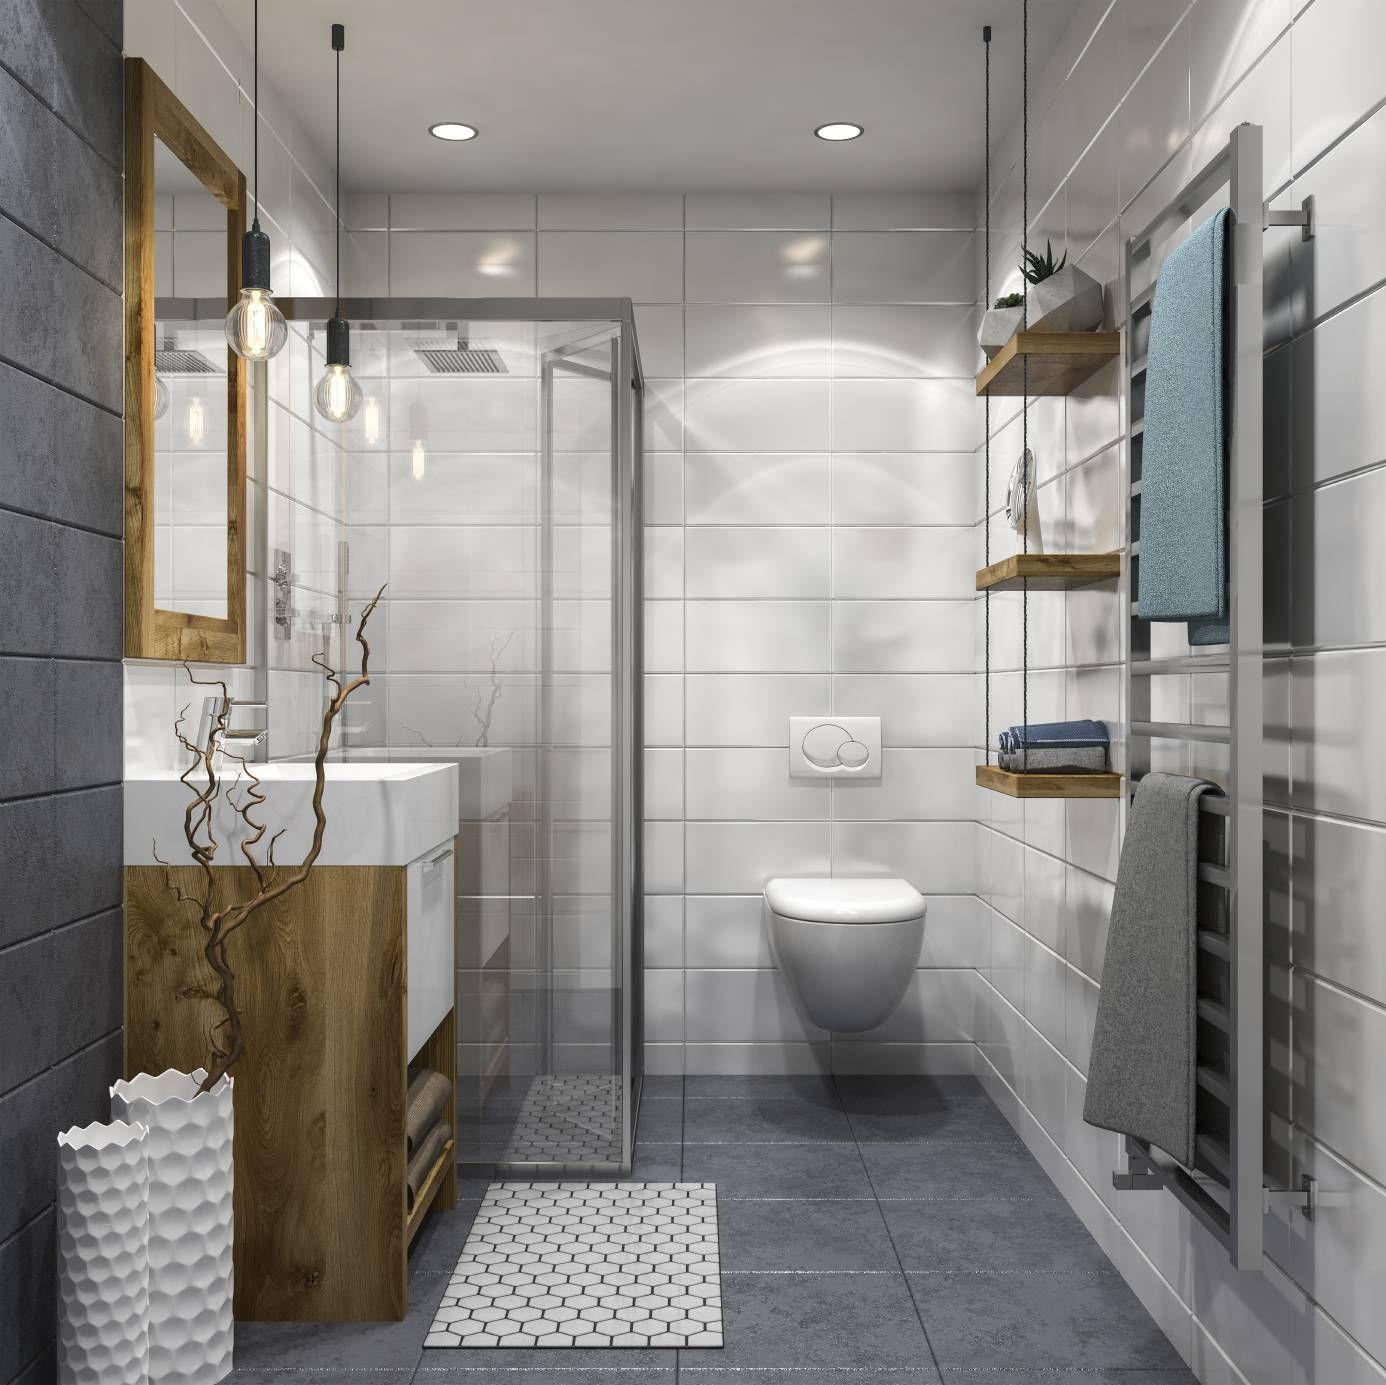 Conseils pour lclairage de votre salle de bain  Salle